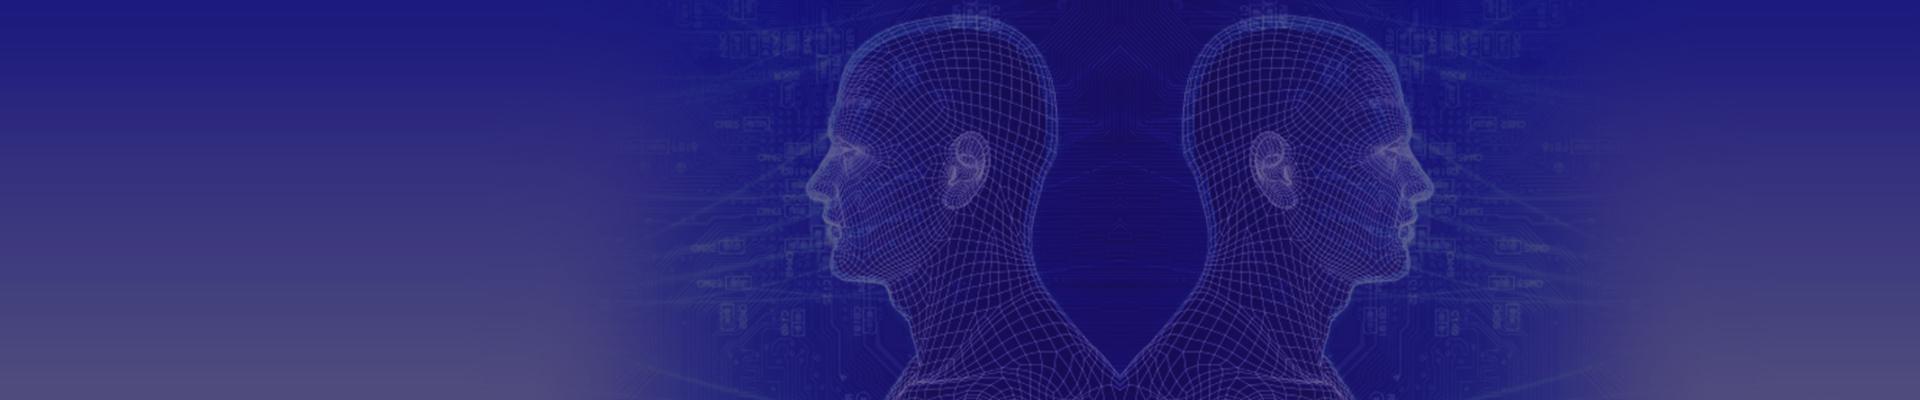 Specijalizovana oprema za kontinualni monitoring vibracija rotirajućih mašina